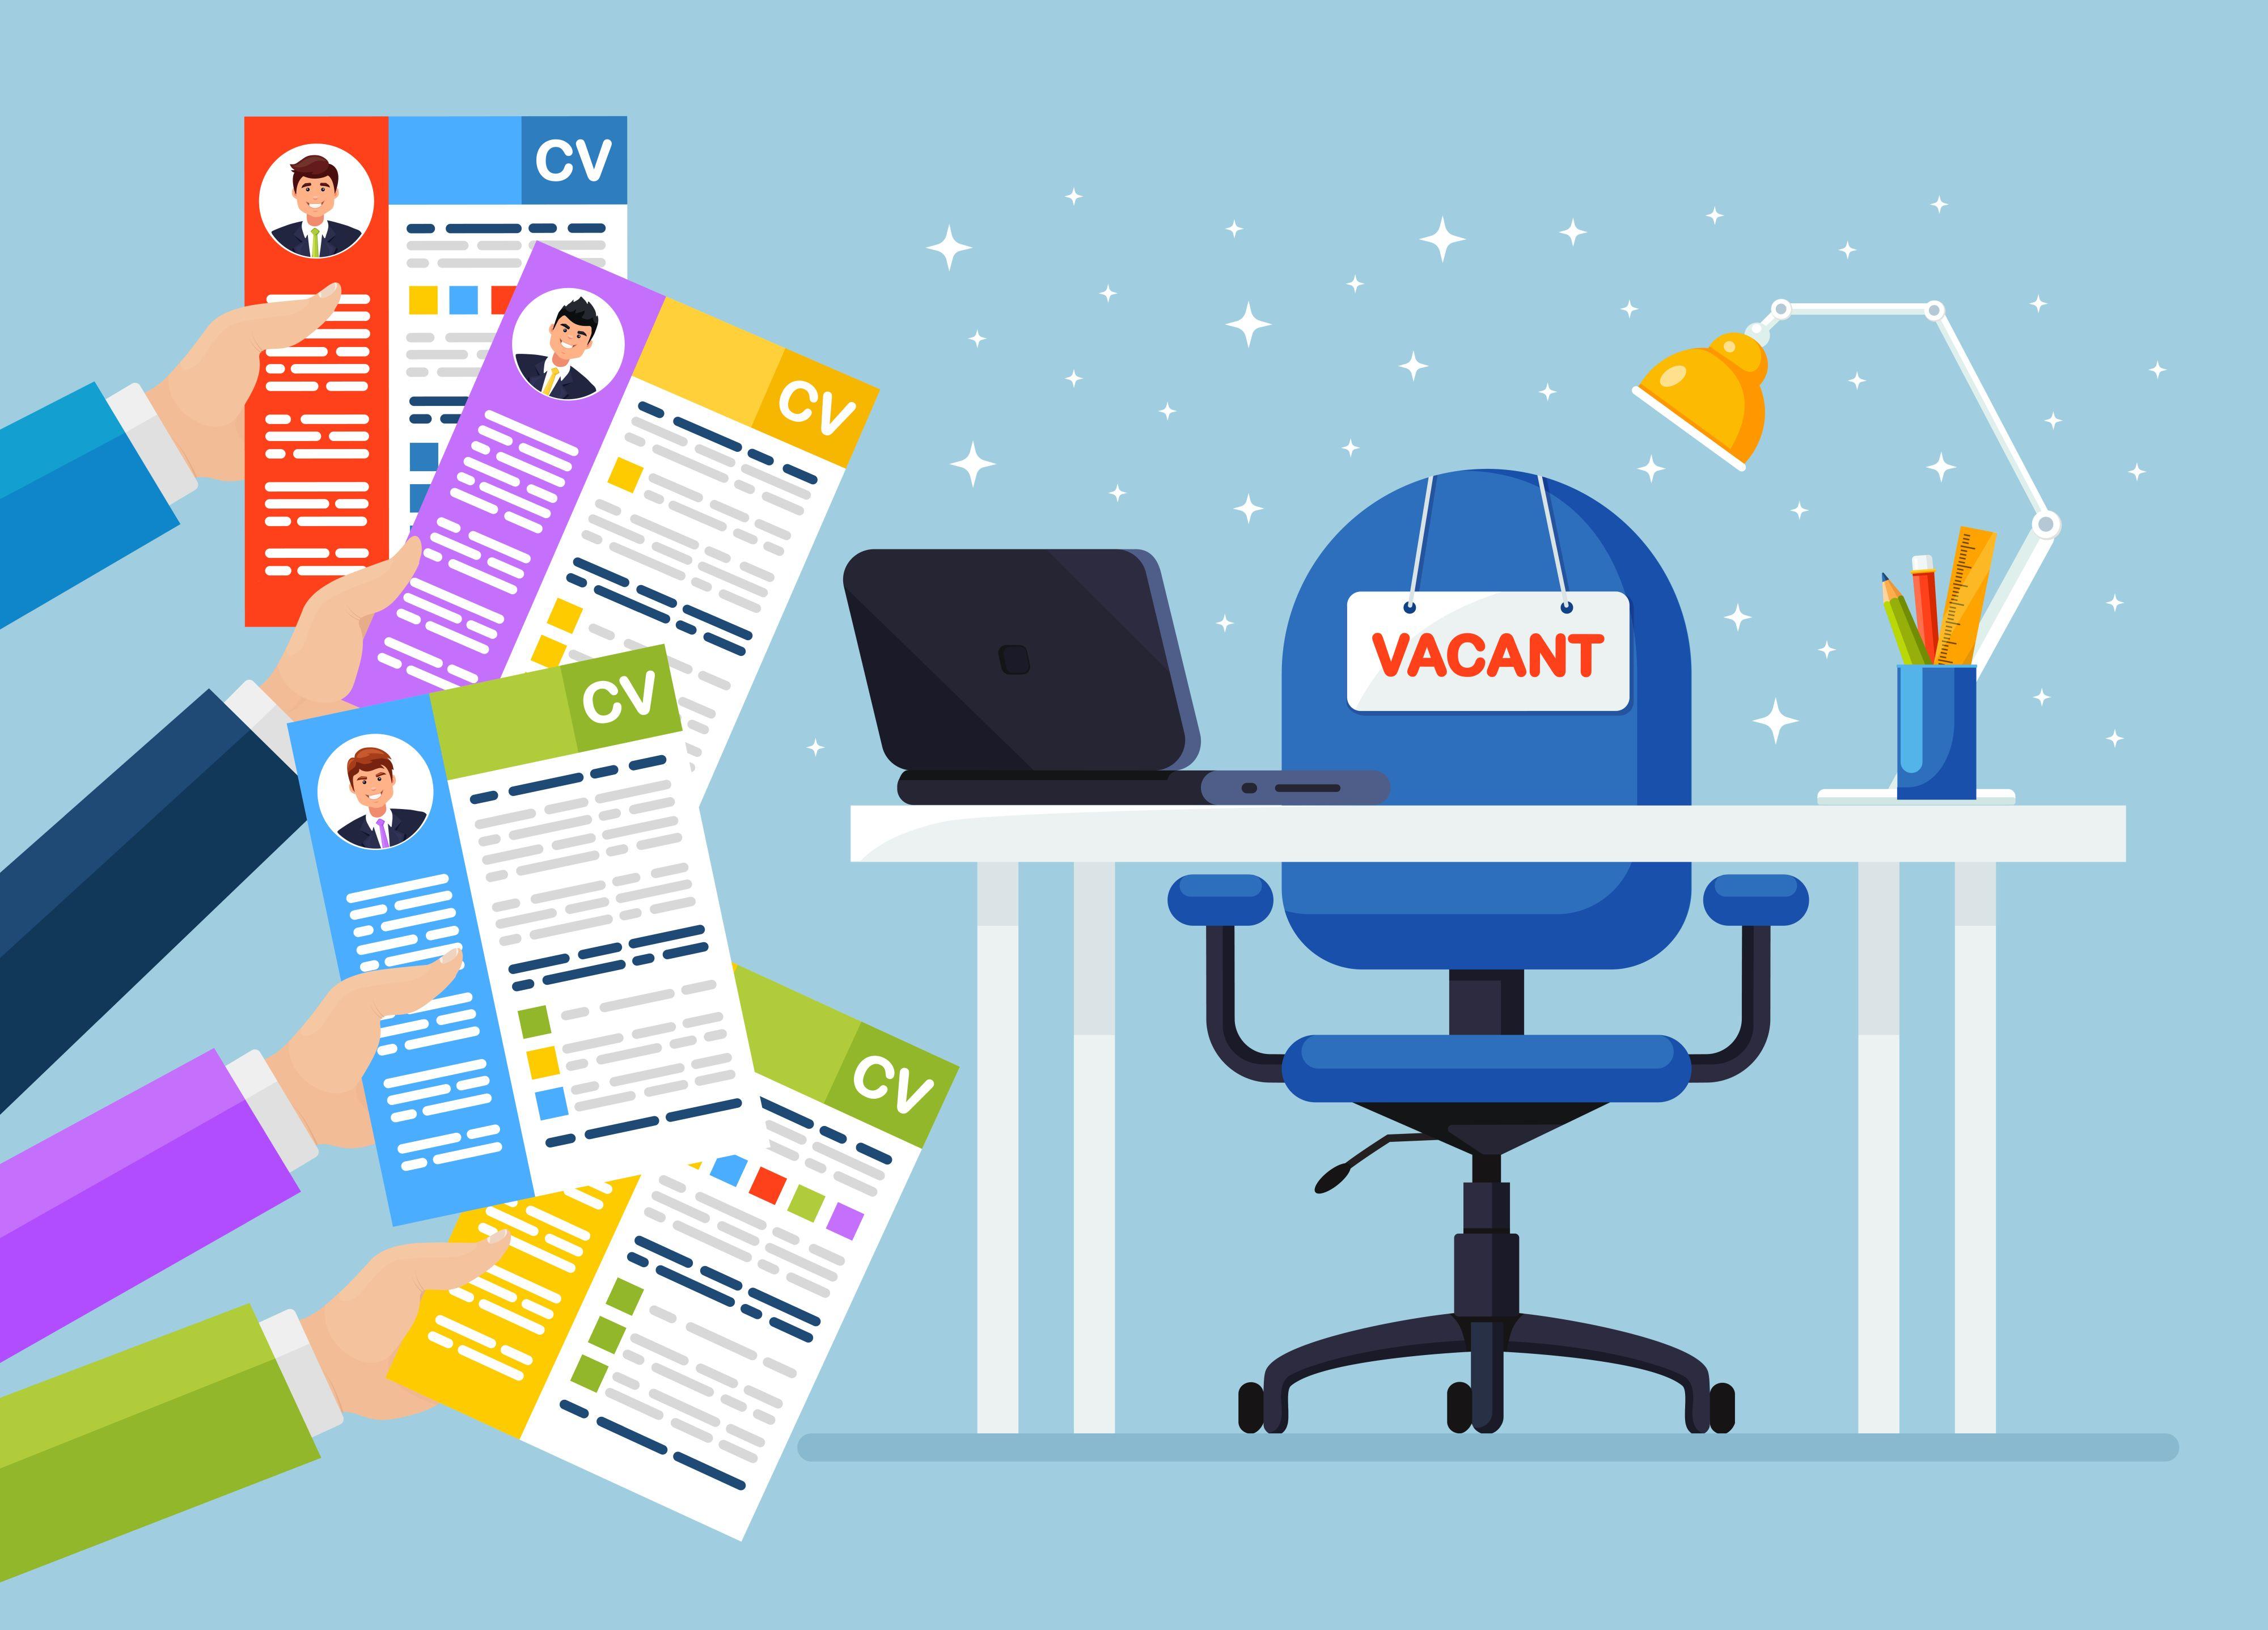 Dział rekrutacji współpracuje z marketingiem – wspólnie docierają z ofertą pracy do określonej grupy kandydatów (Fot. Shutterstock)